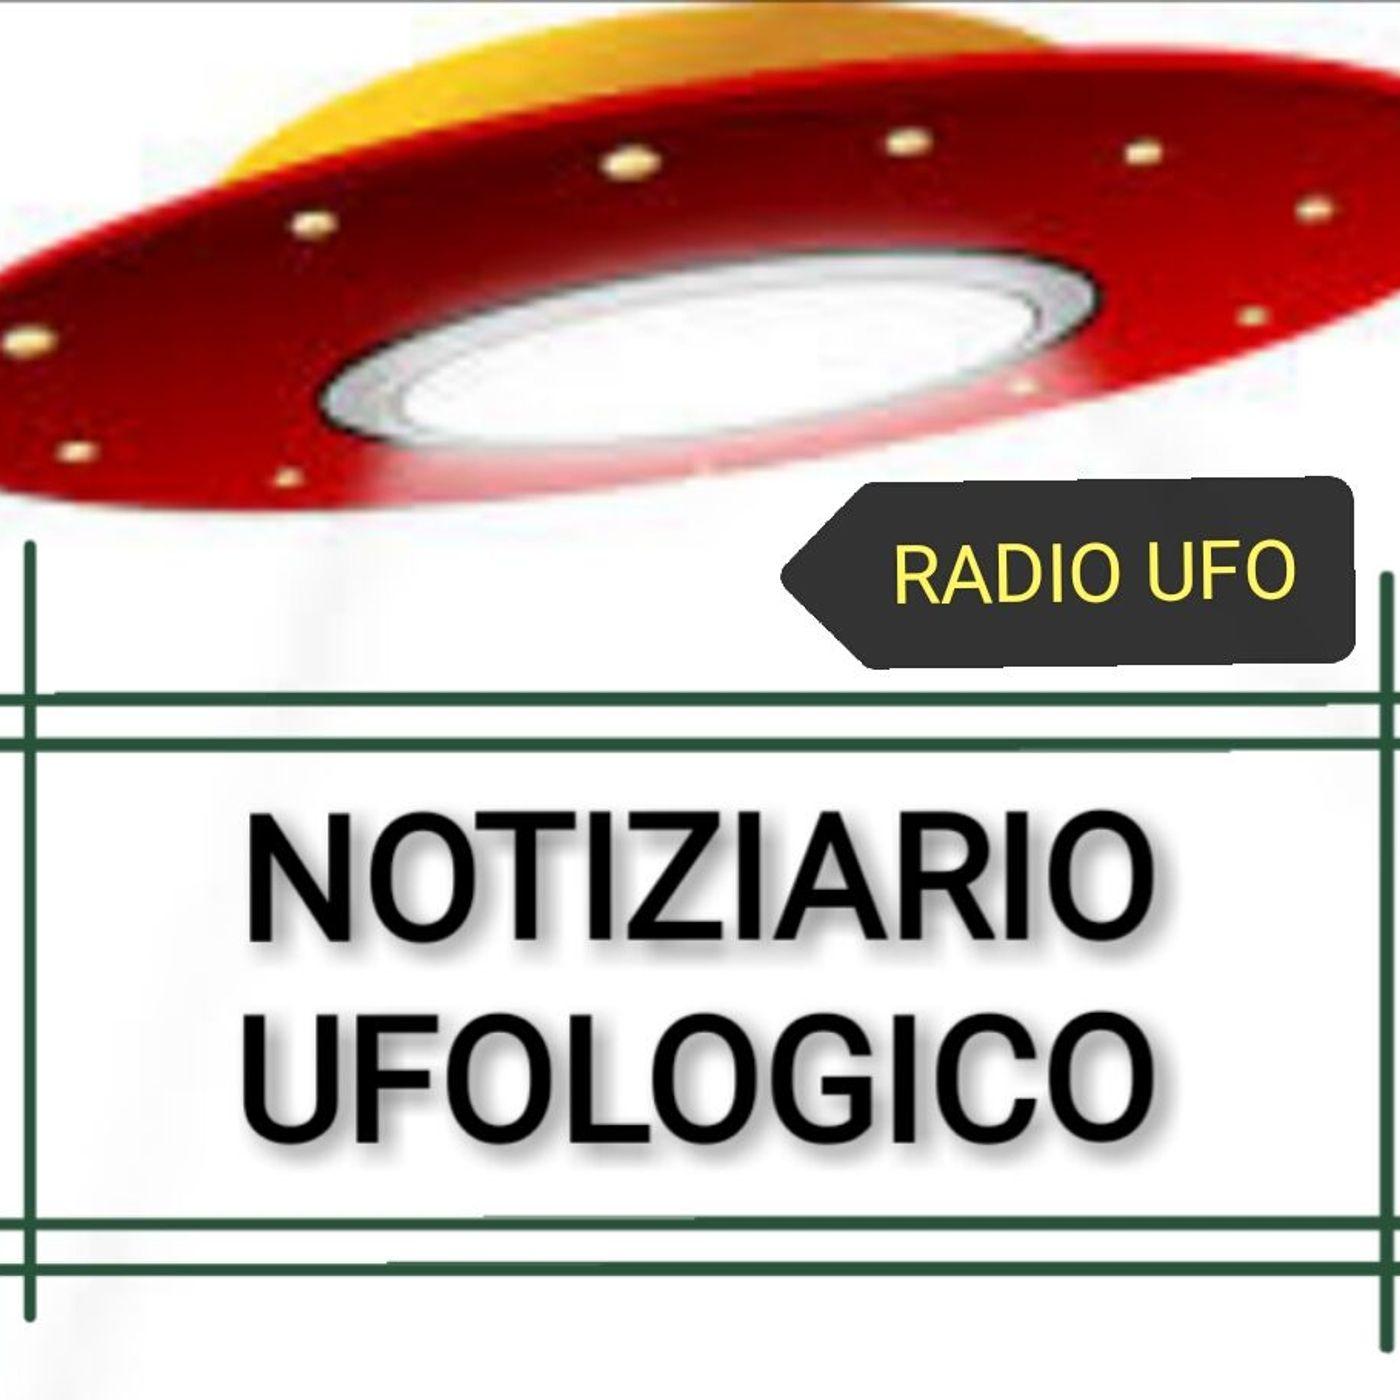 NOTIZIARIO UFOLOGICO #9